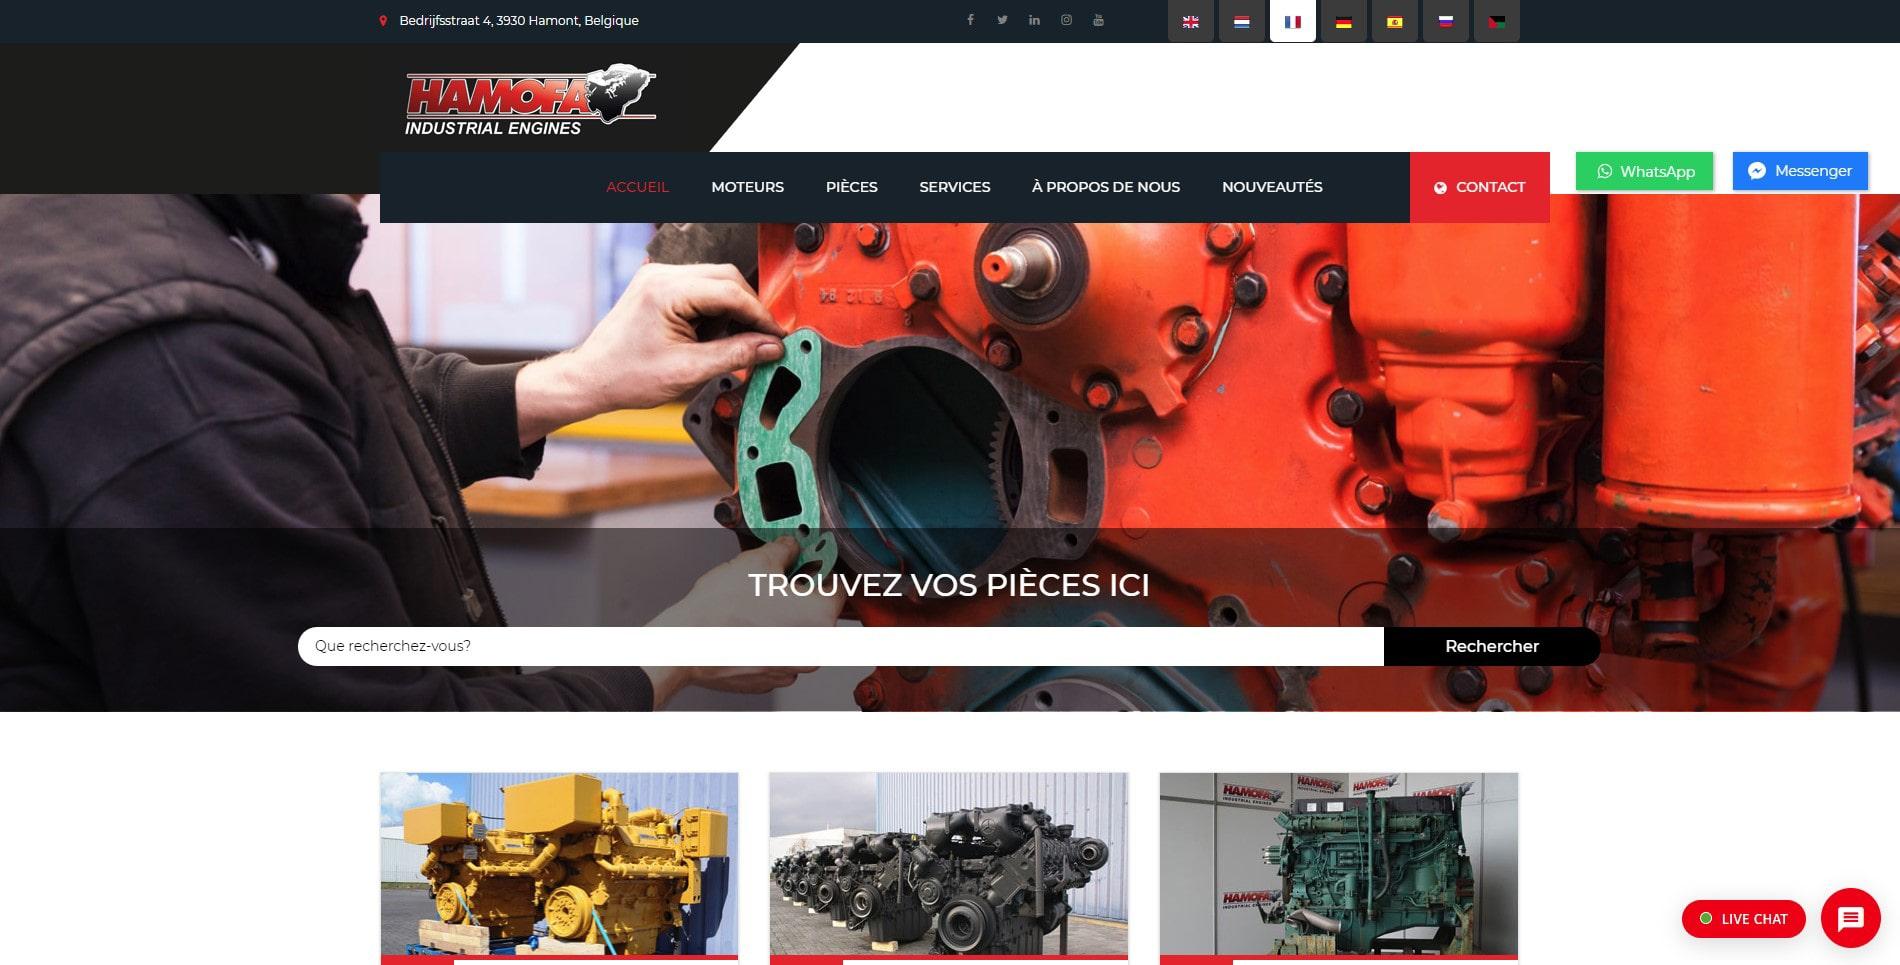 Notre nouveau site web a été lancé!